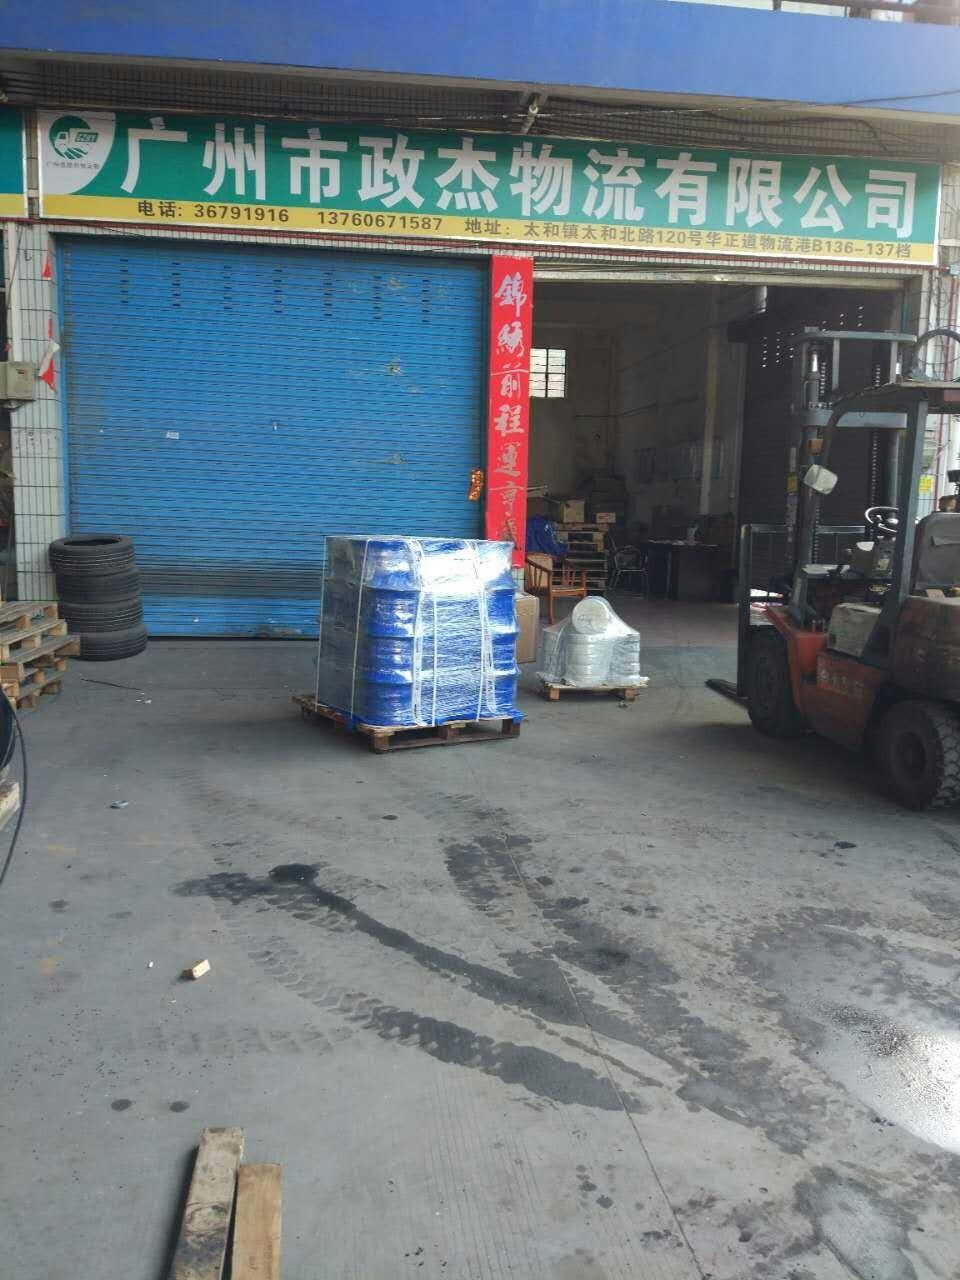 广州到沧州物流专线(广州市顺丰货运中心)